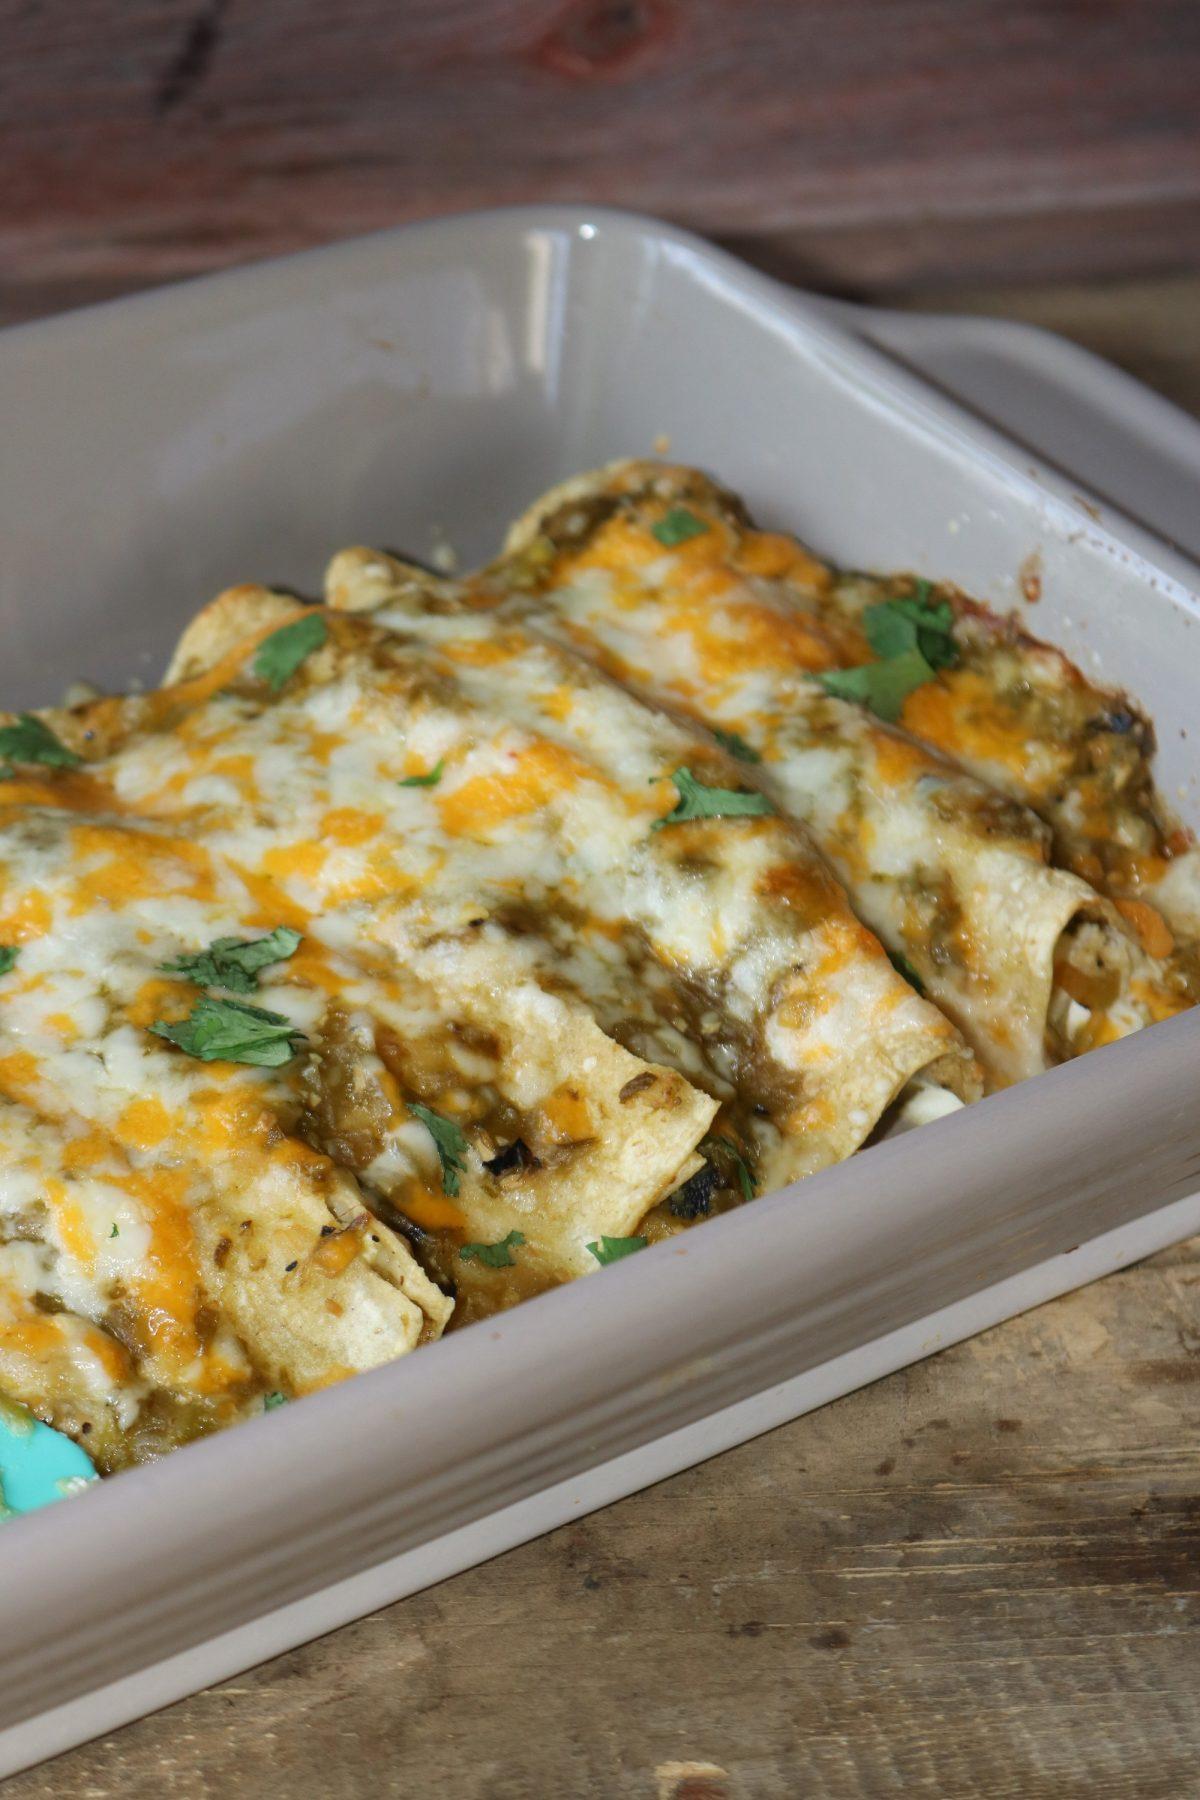 Enchiladas in a baking dish